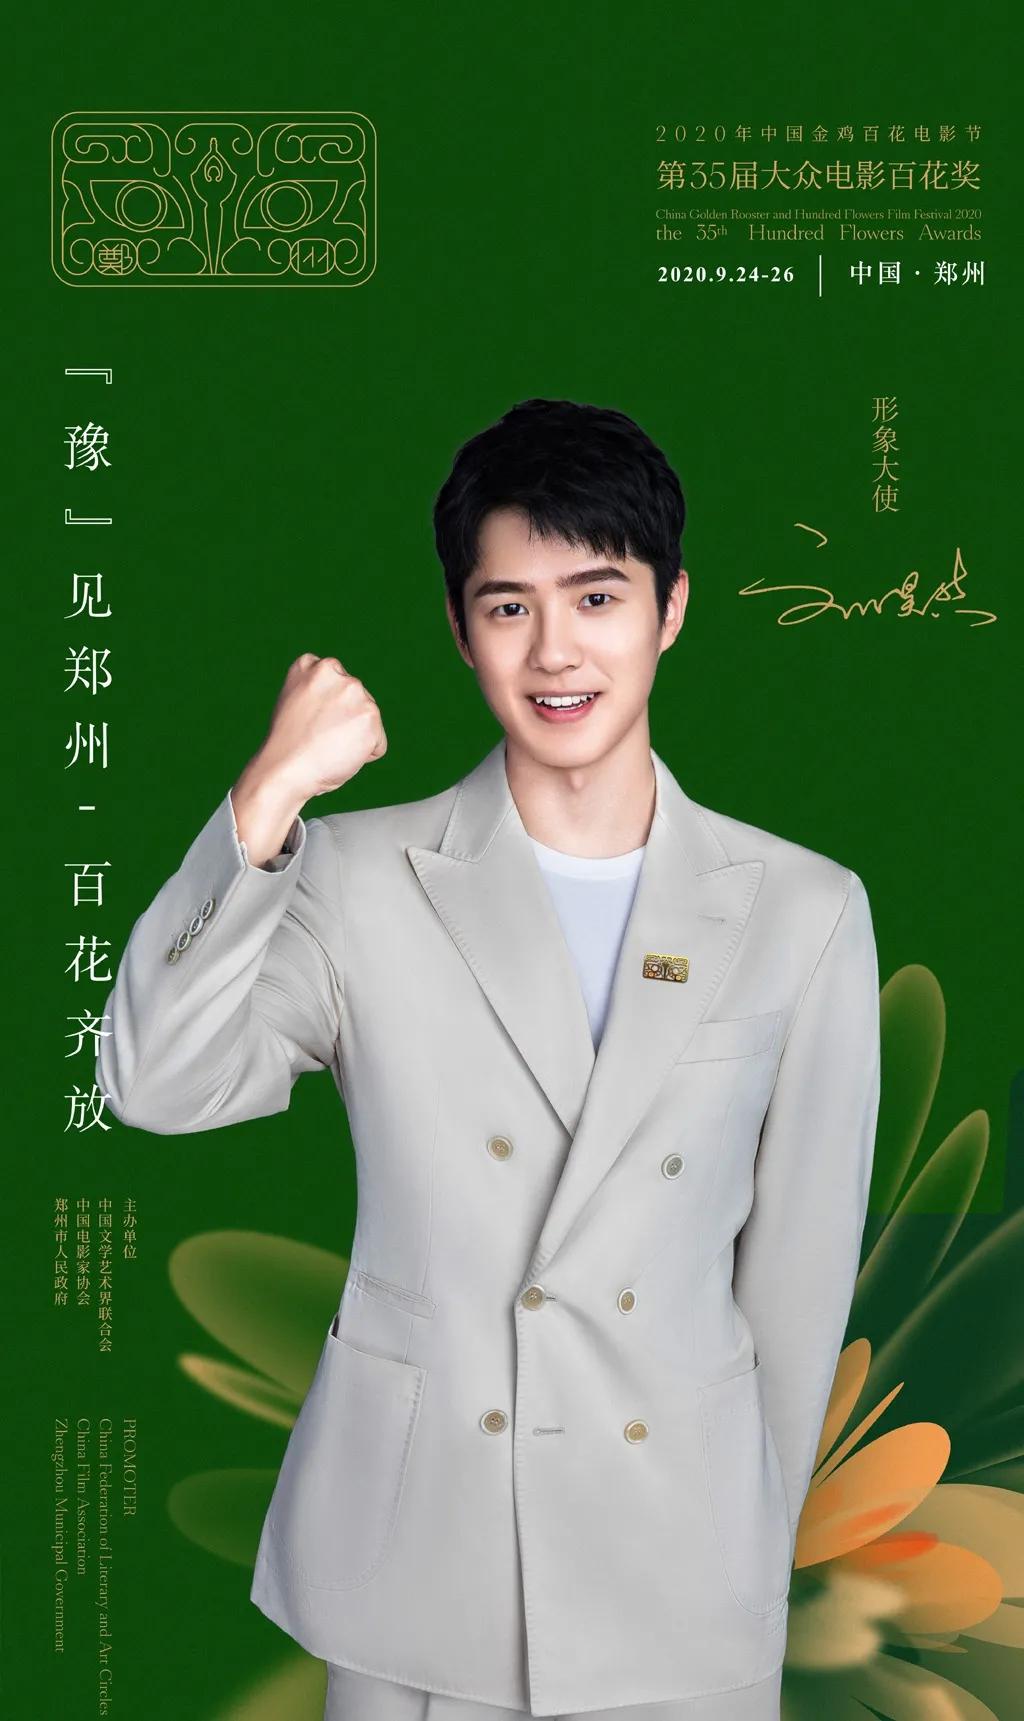 第35届大众电影百花奖提名名单公布|刘昊然担任形象大使